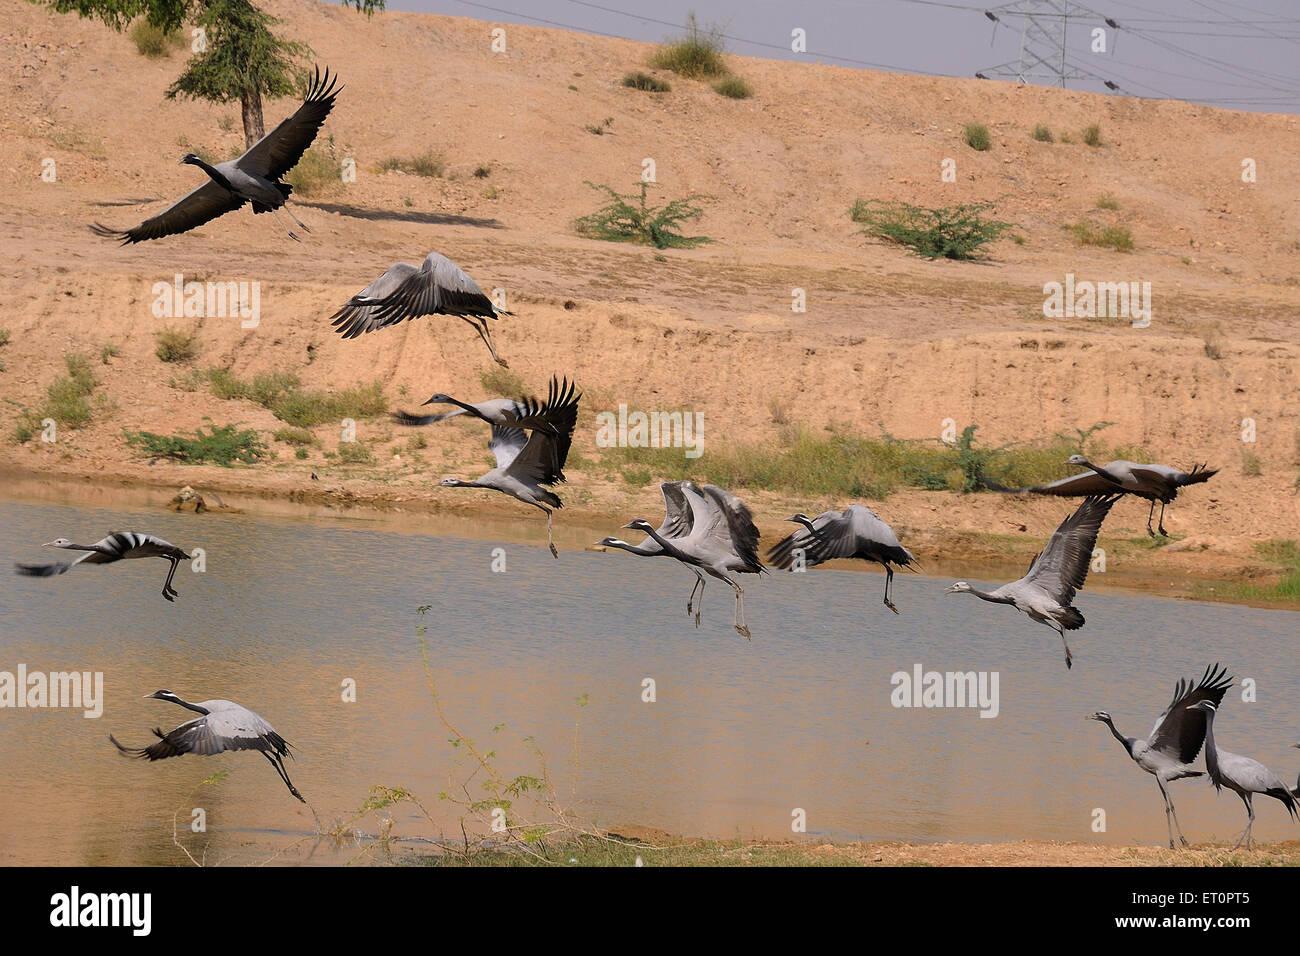 Grues; oiseaux volant près de étang; Jodhpur Rajasthan; Inde; Photo Stock